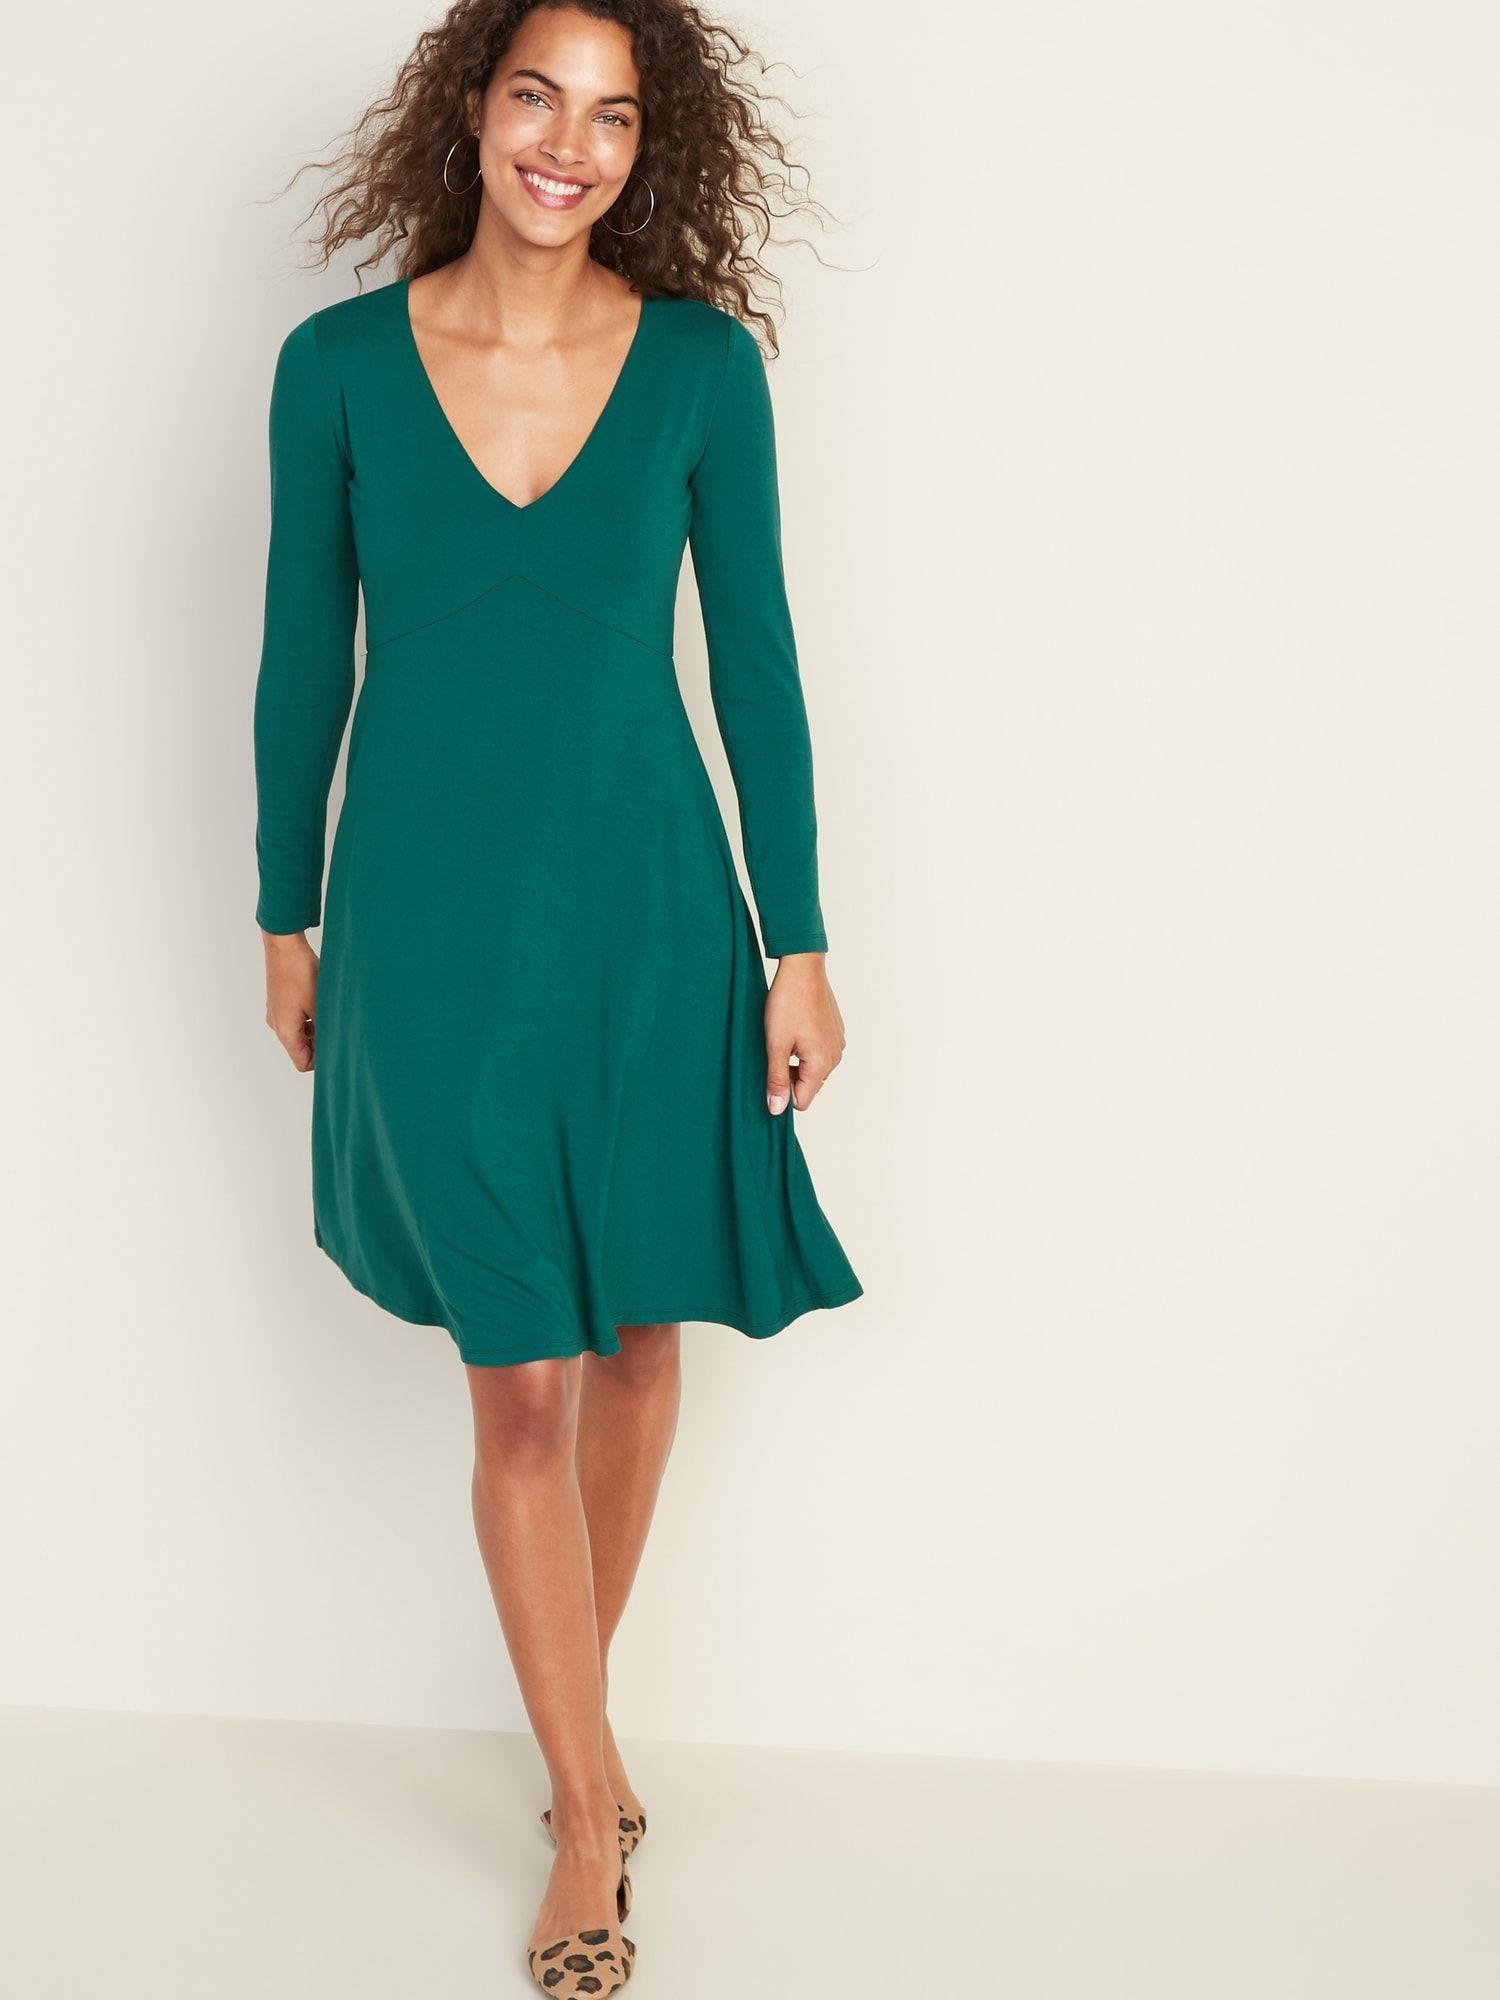 Fit Flare Empire Waist Jersey Dress For Women Empire Waist Dress Casual Navy Lace Dress Knit Swing Dress [ 2000 x 1500 Pixel ]